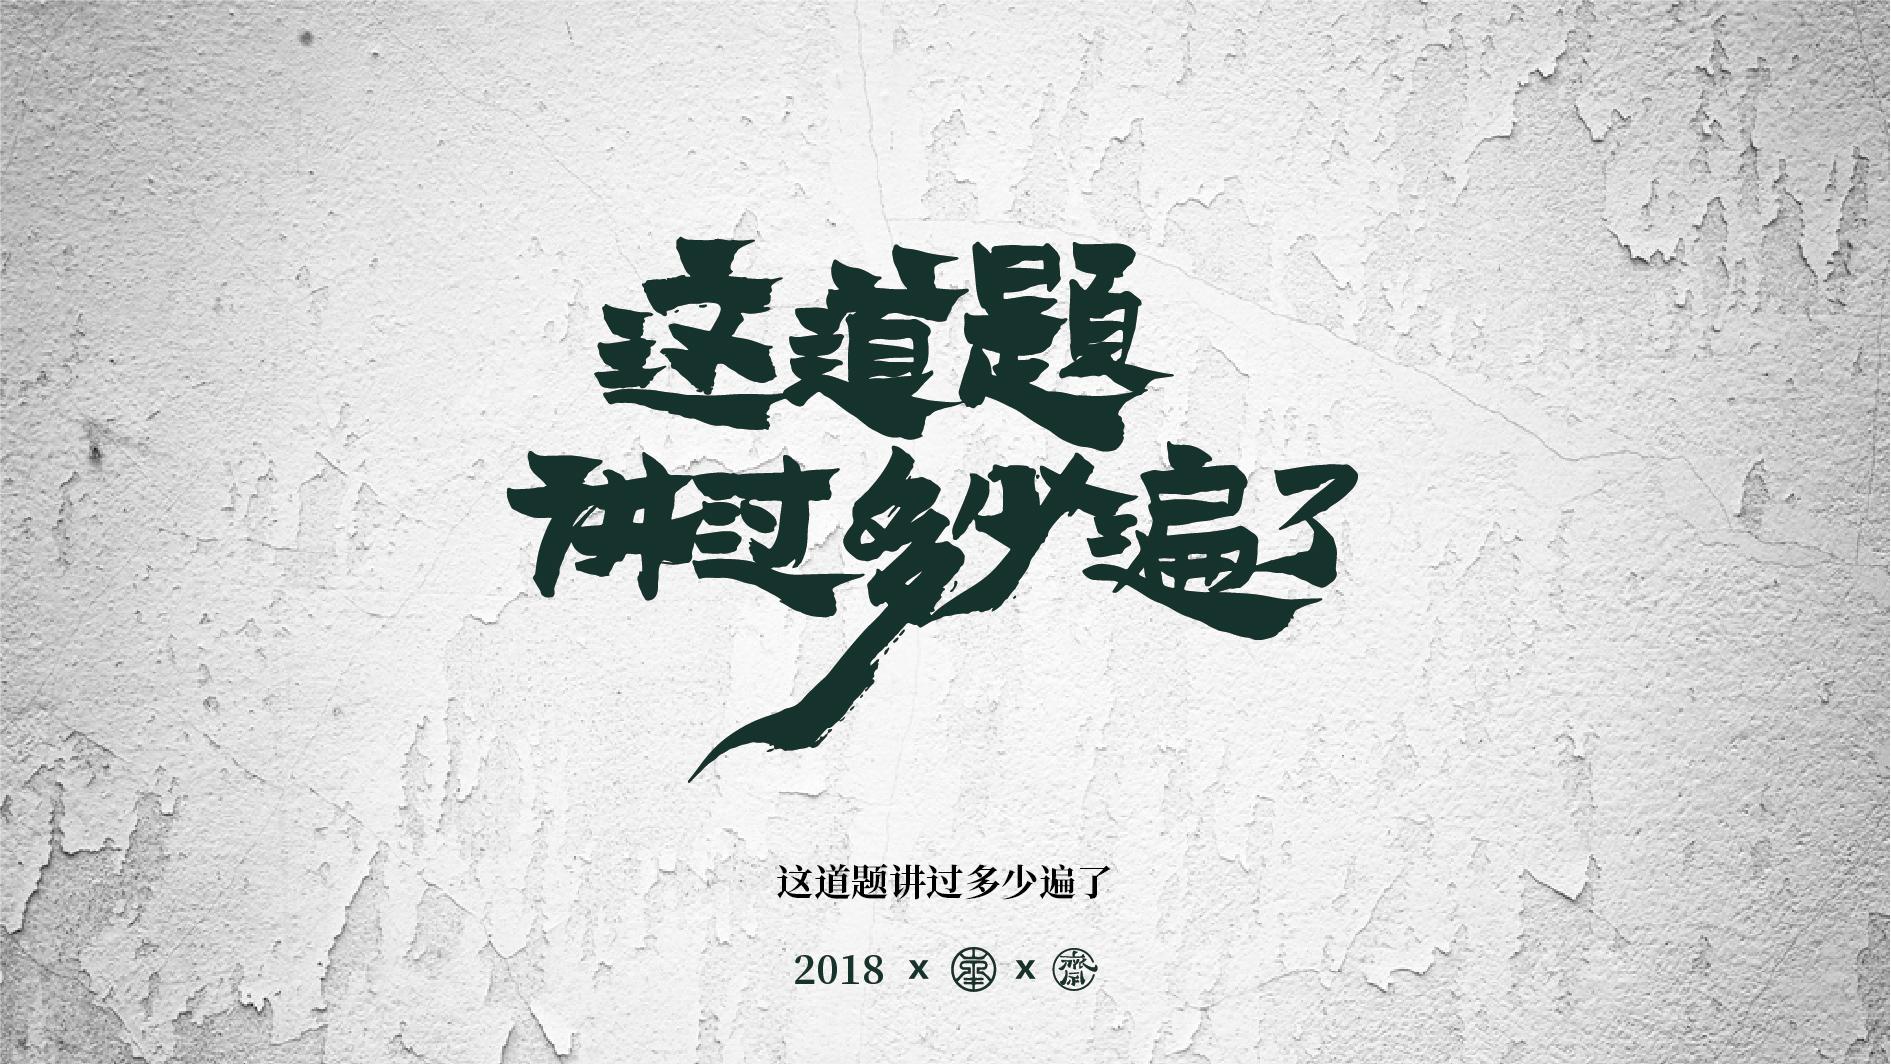 超超大神手写毛笔字第1波 之教师节系列插图(12)